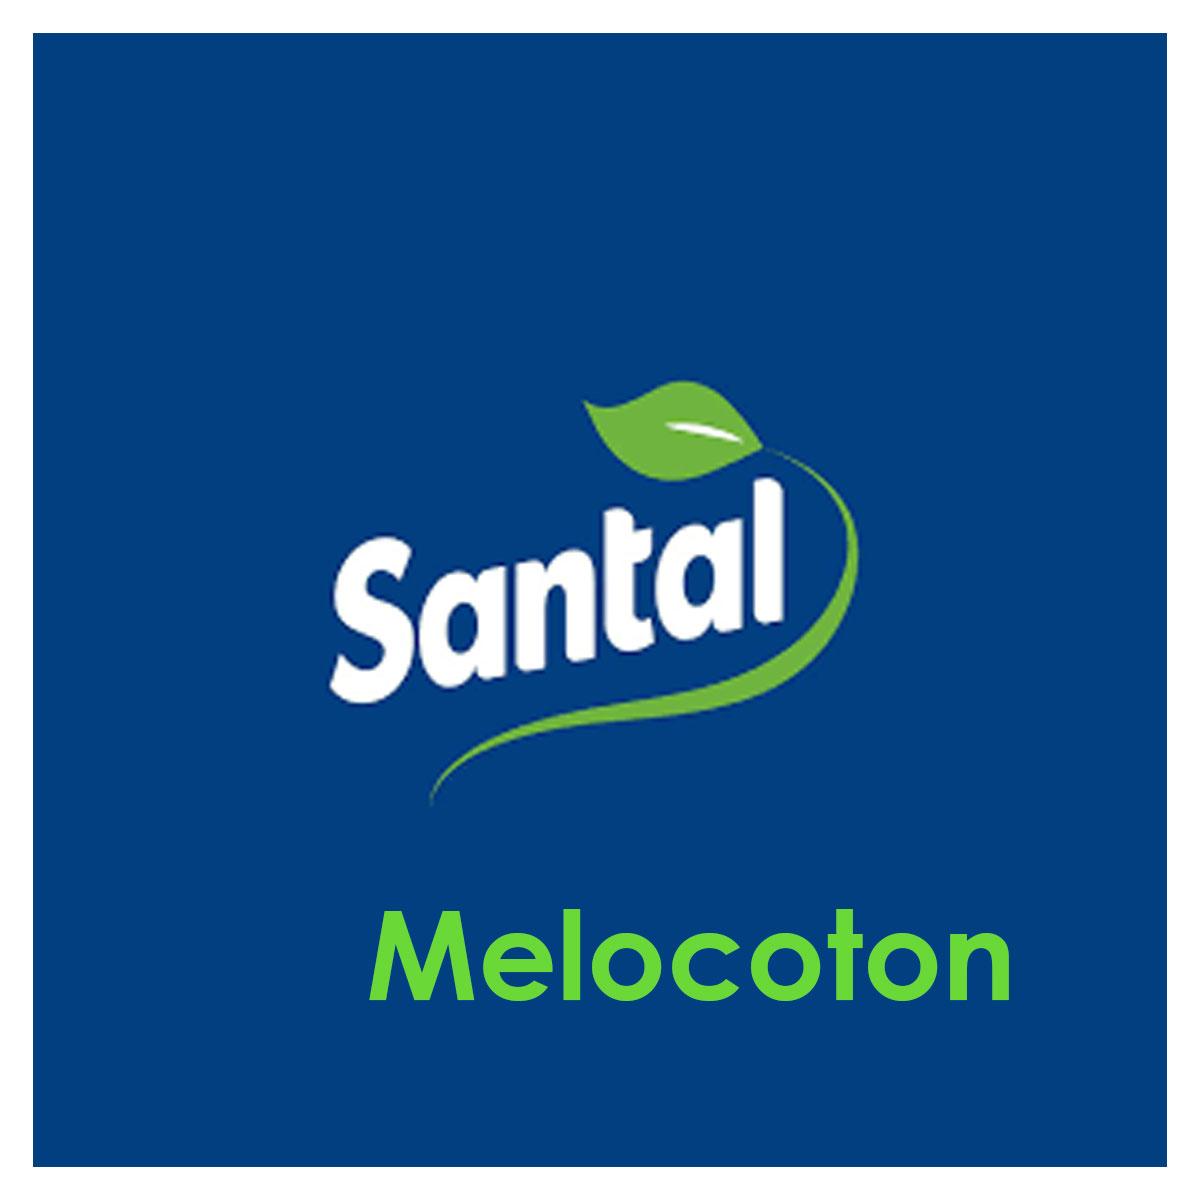 Jugo Santal Melocoton 1lt